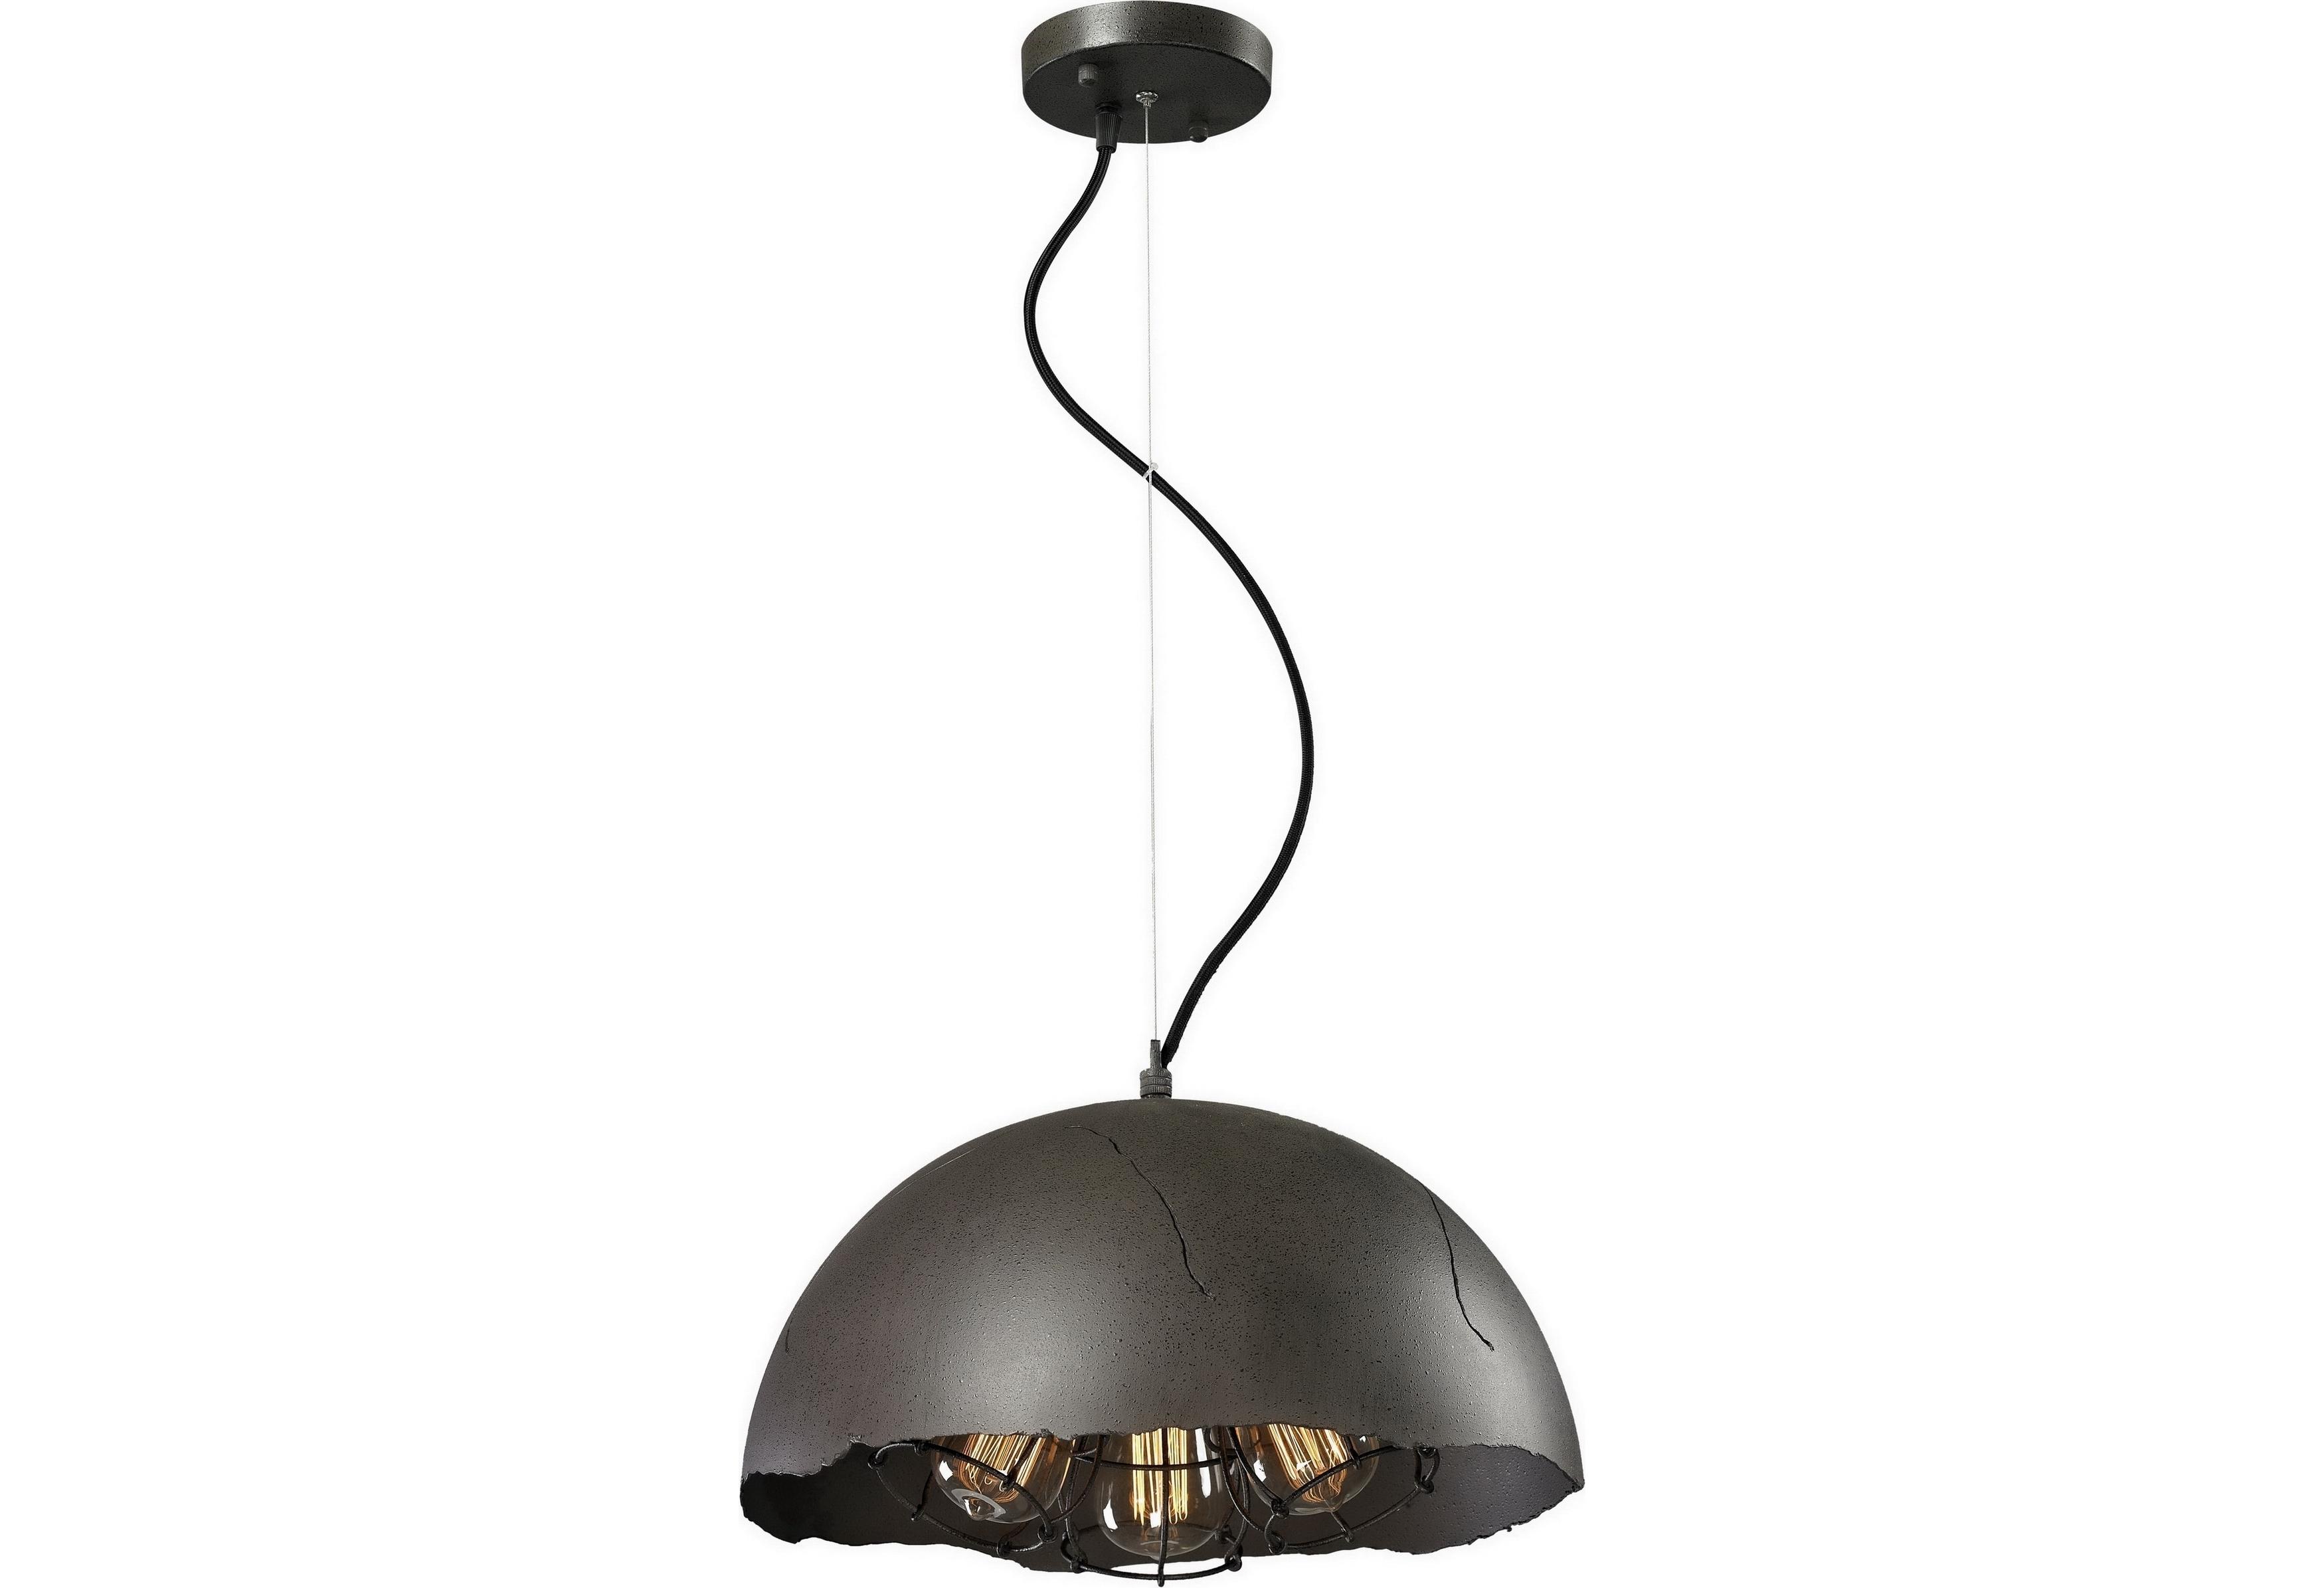 Подвесной светильникПодвесные светильники<br>Материал: металл<br>Лампочки в комплекте: 3*60W<br>Цоколь: E27<br>Цвет: черный<br><br>Material: Металл<br>Высота см: 120